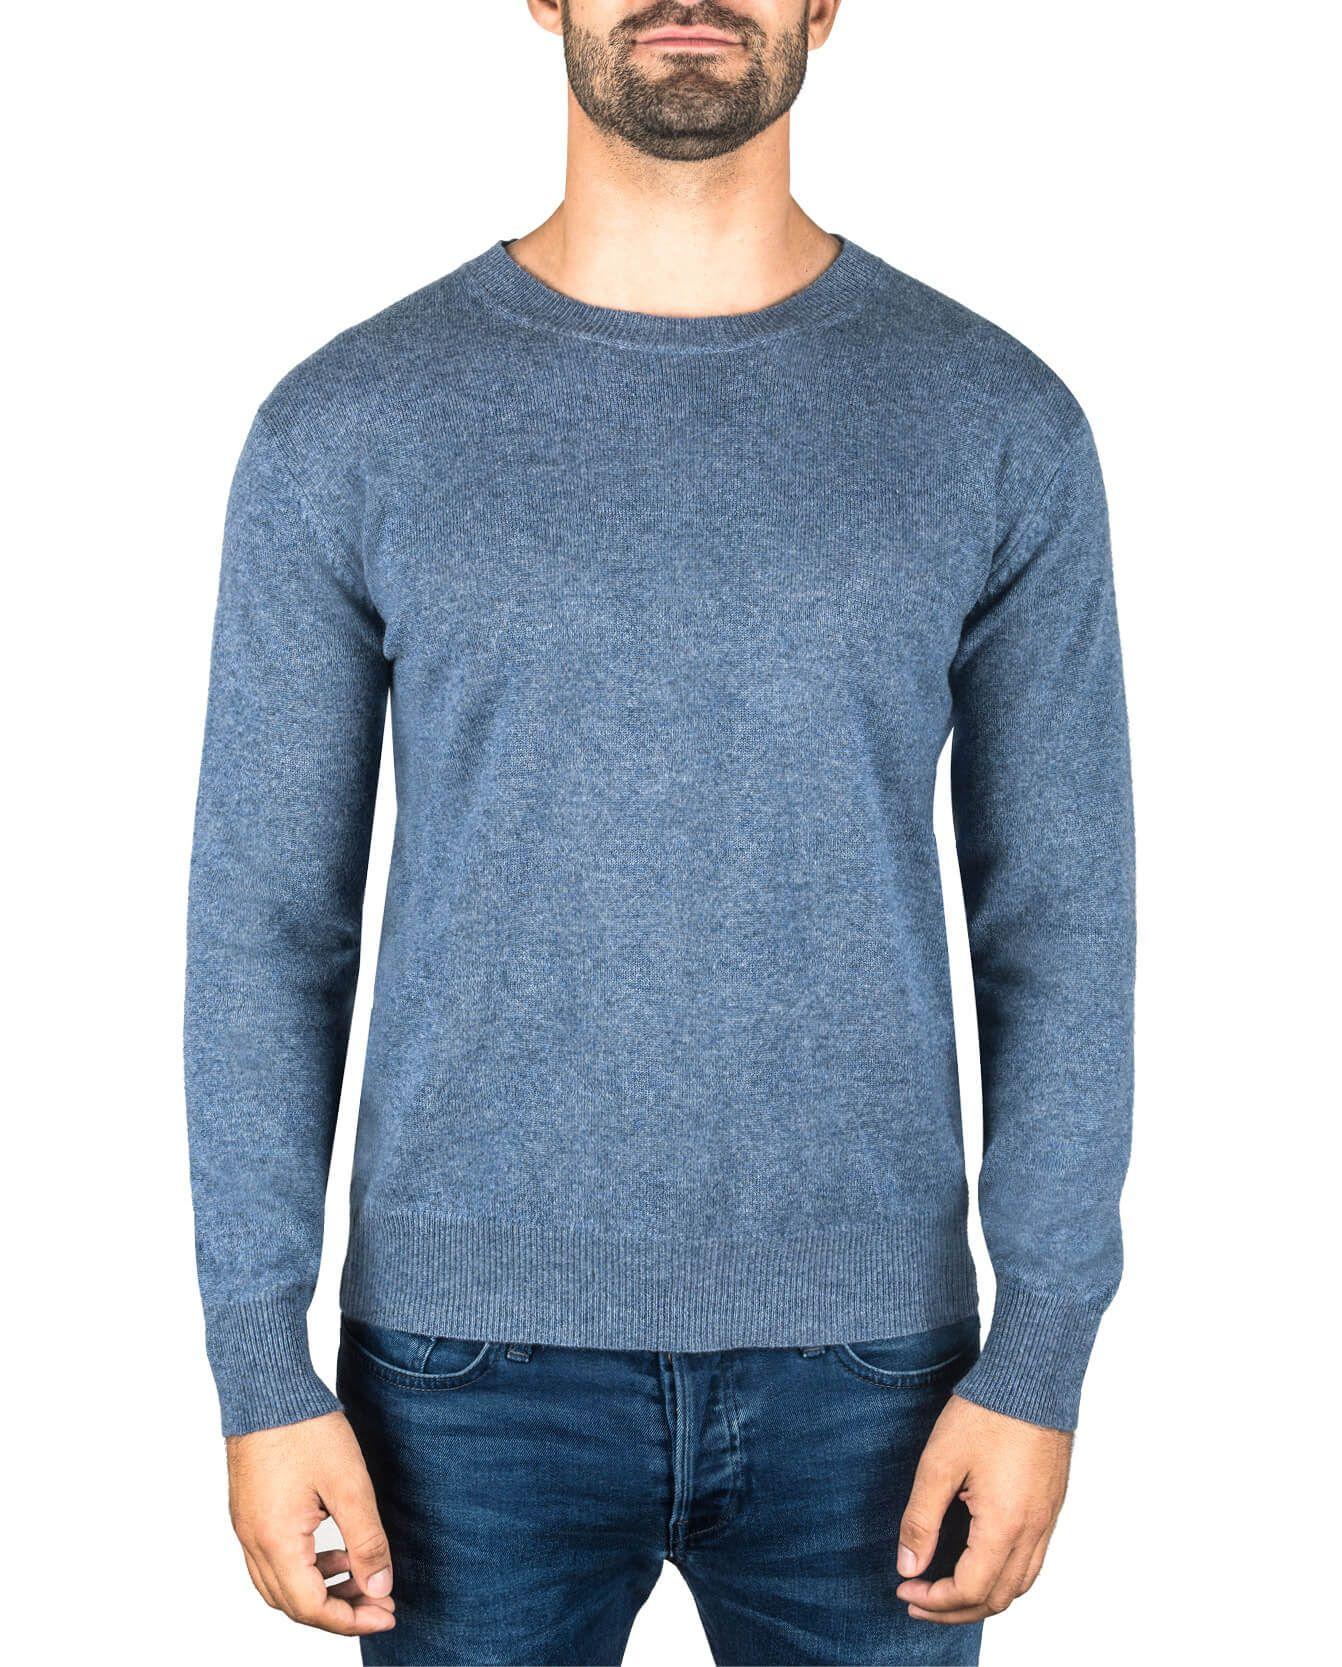 3601abed188f Herren Kaschmir Pullover Rundhals jeans blau front   CASH-MERE.CH ...